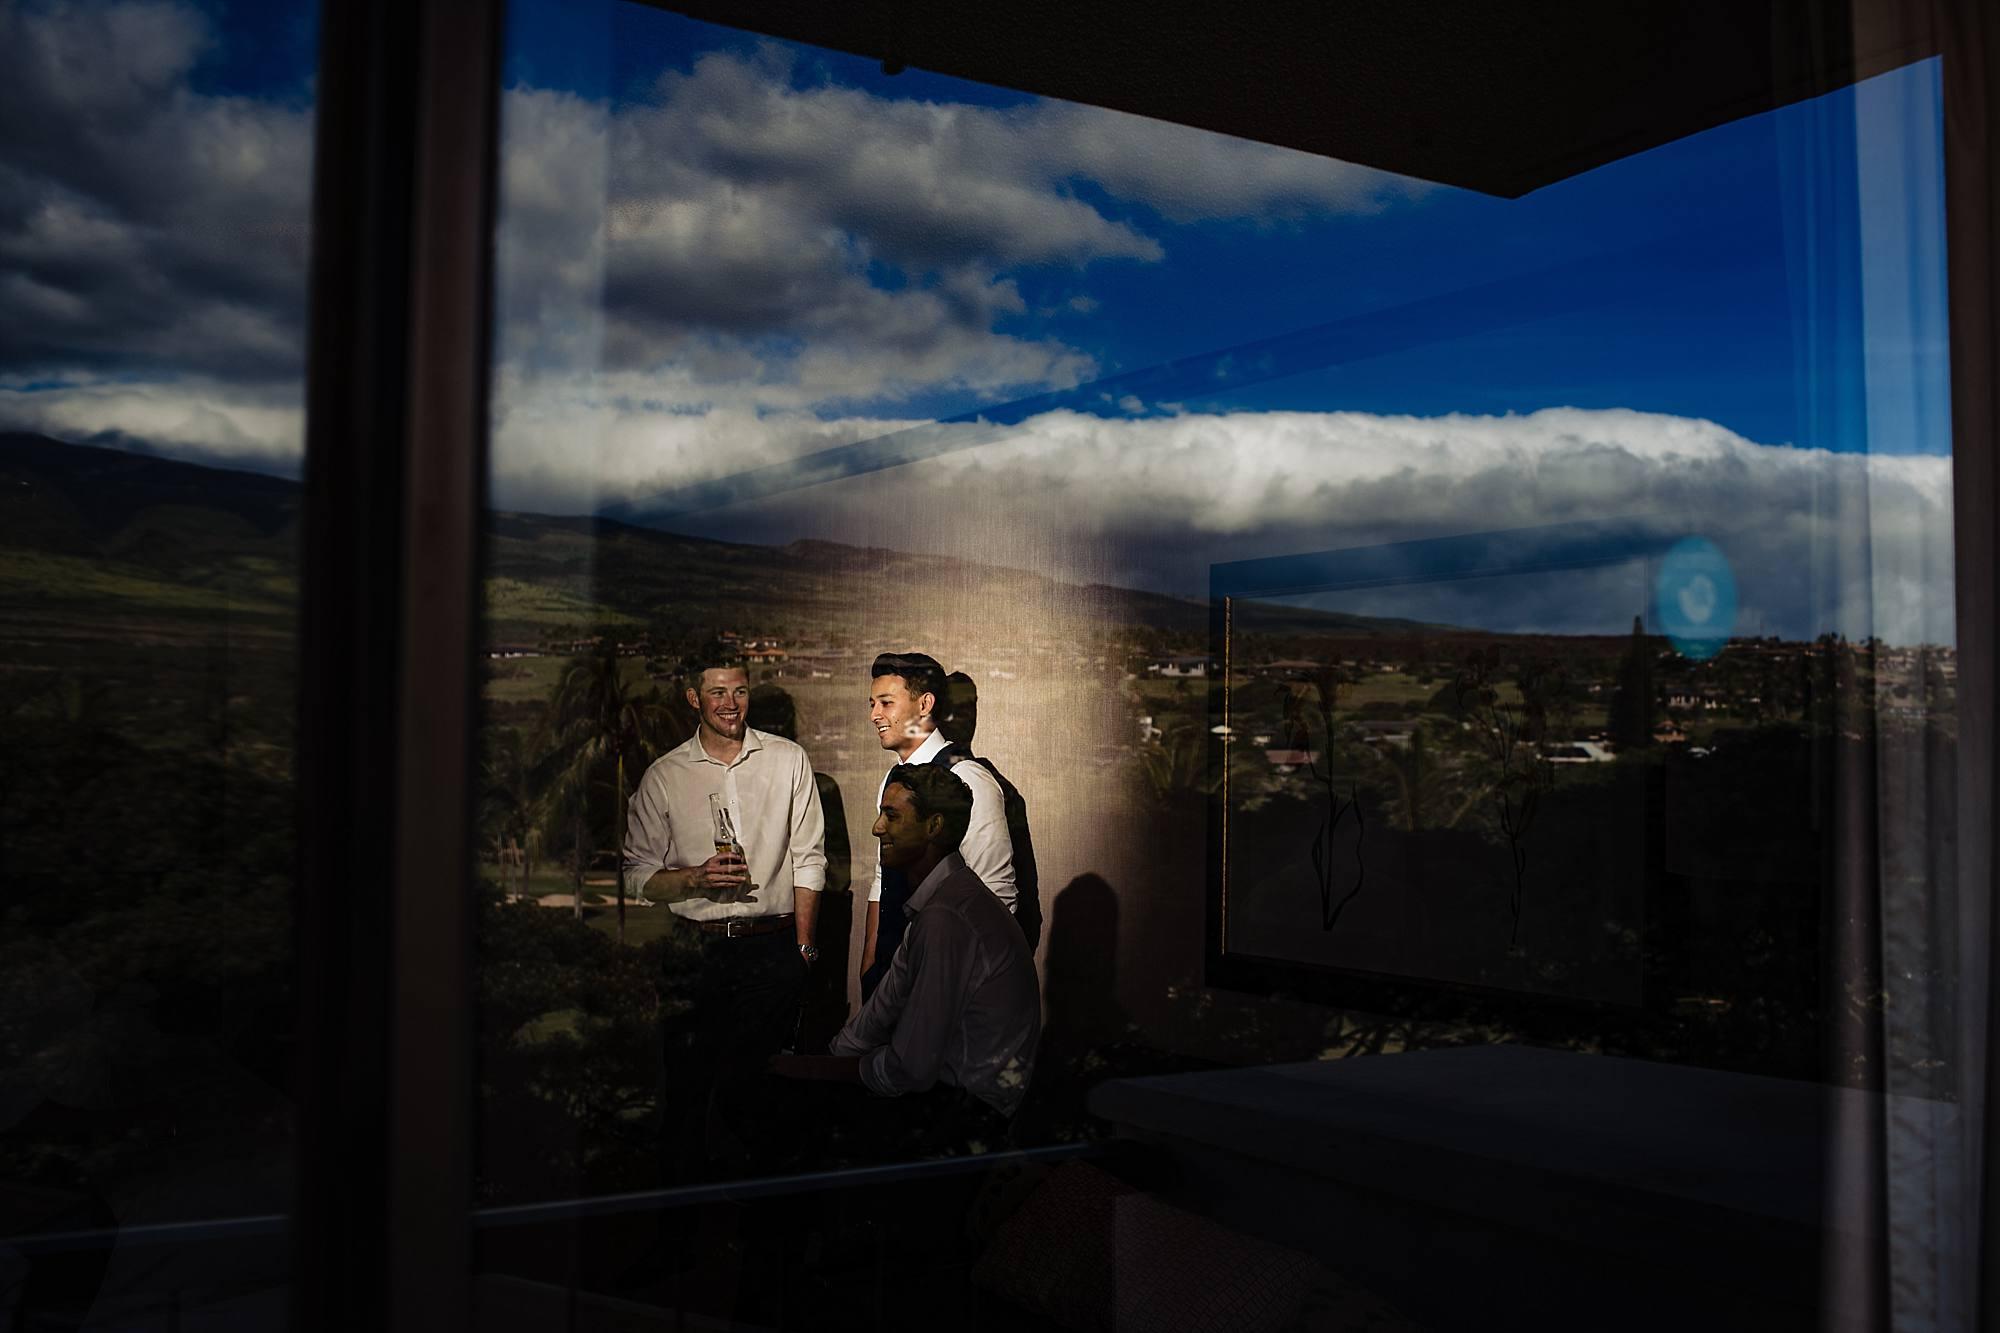 groom's reflection in window in hyatt maui